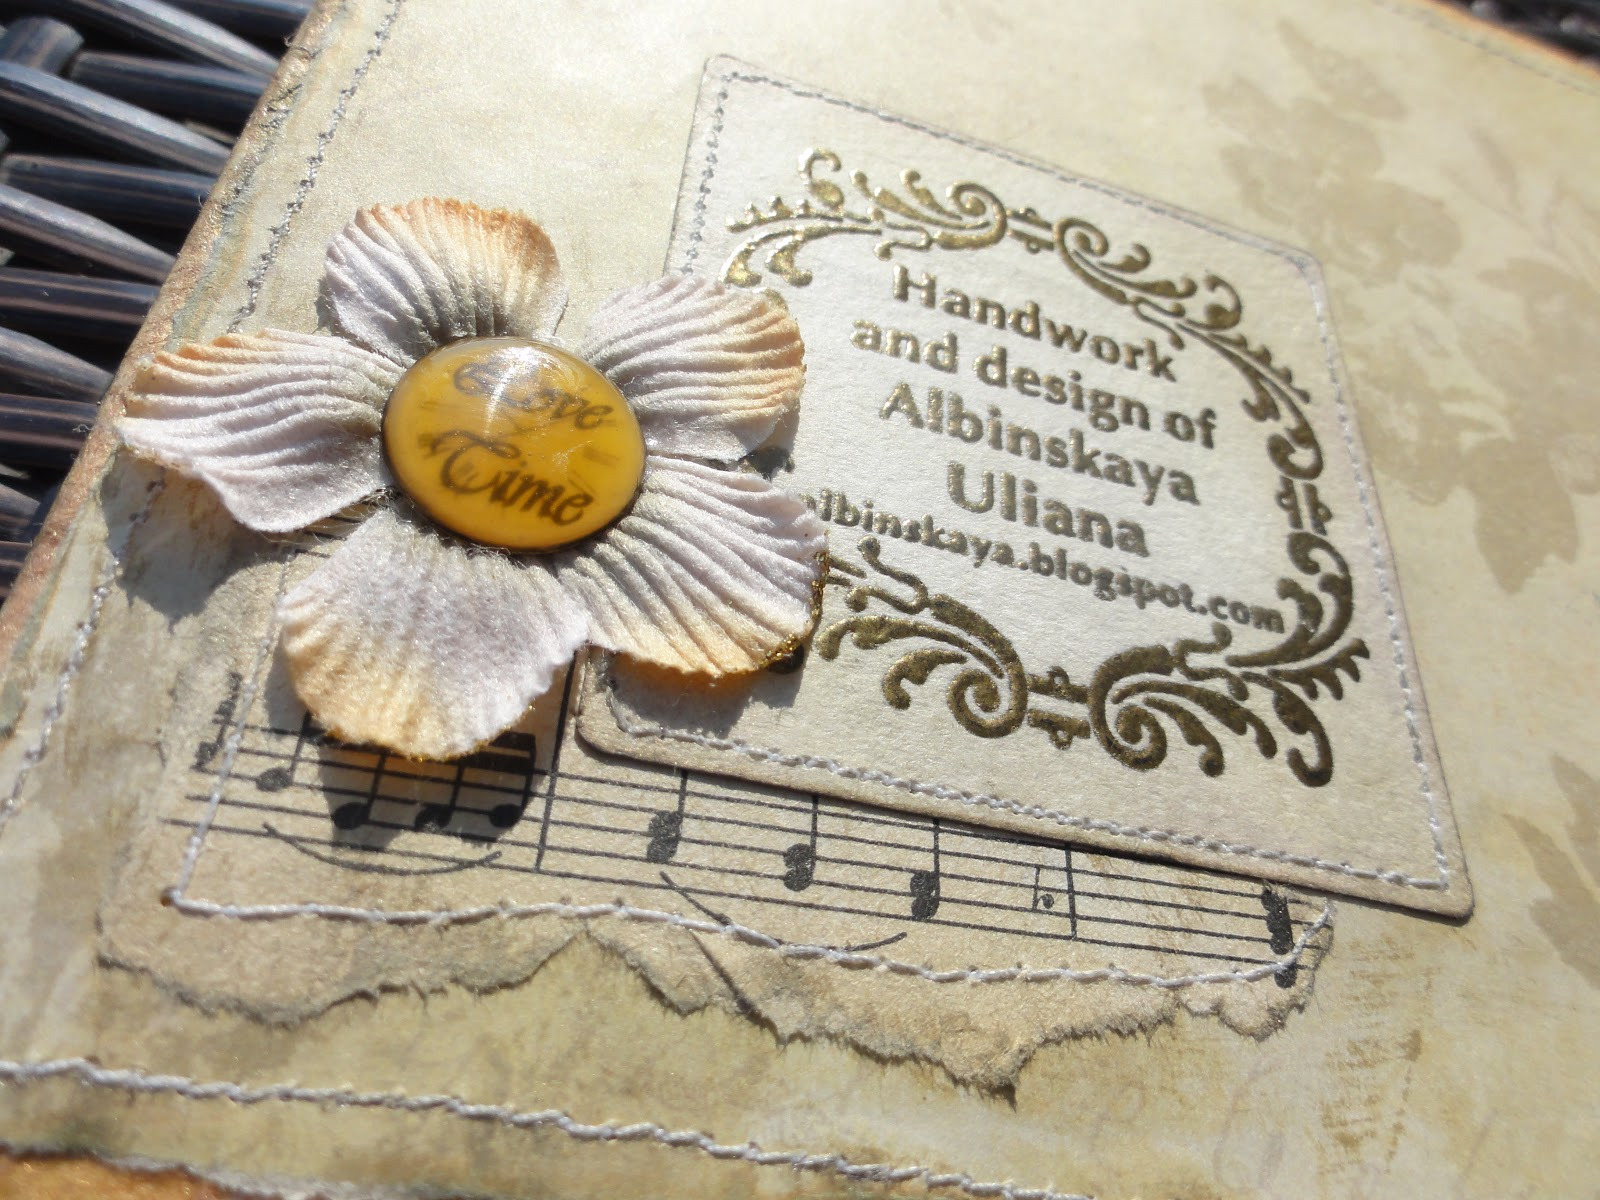 Поздравление от бабушки на свадьбу внуку, внучке - Поздравок 58